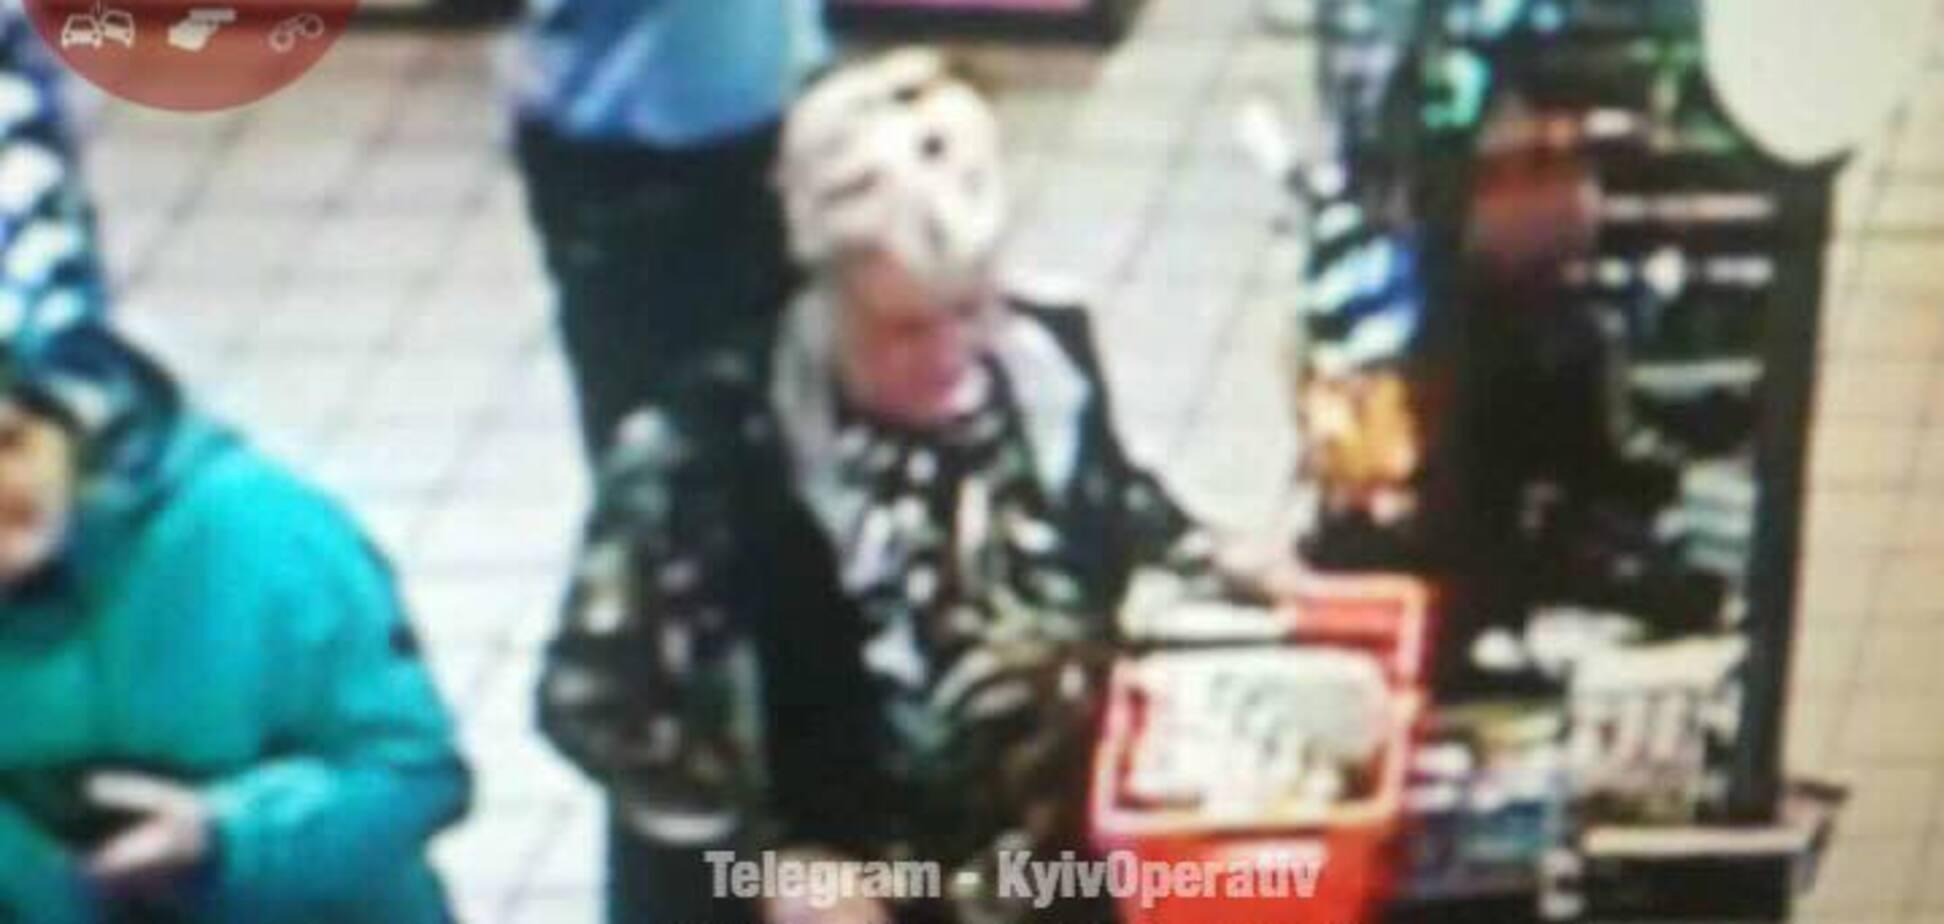 'Прямо з руки зняли золотий браслет': у Києві розшукують хитру злодійку